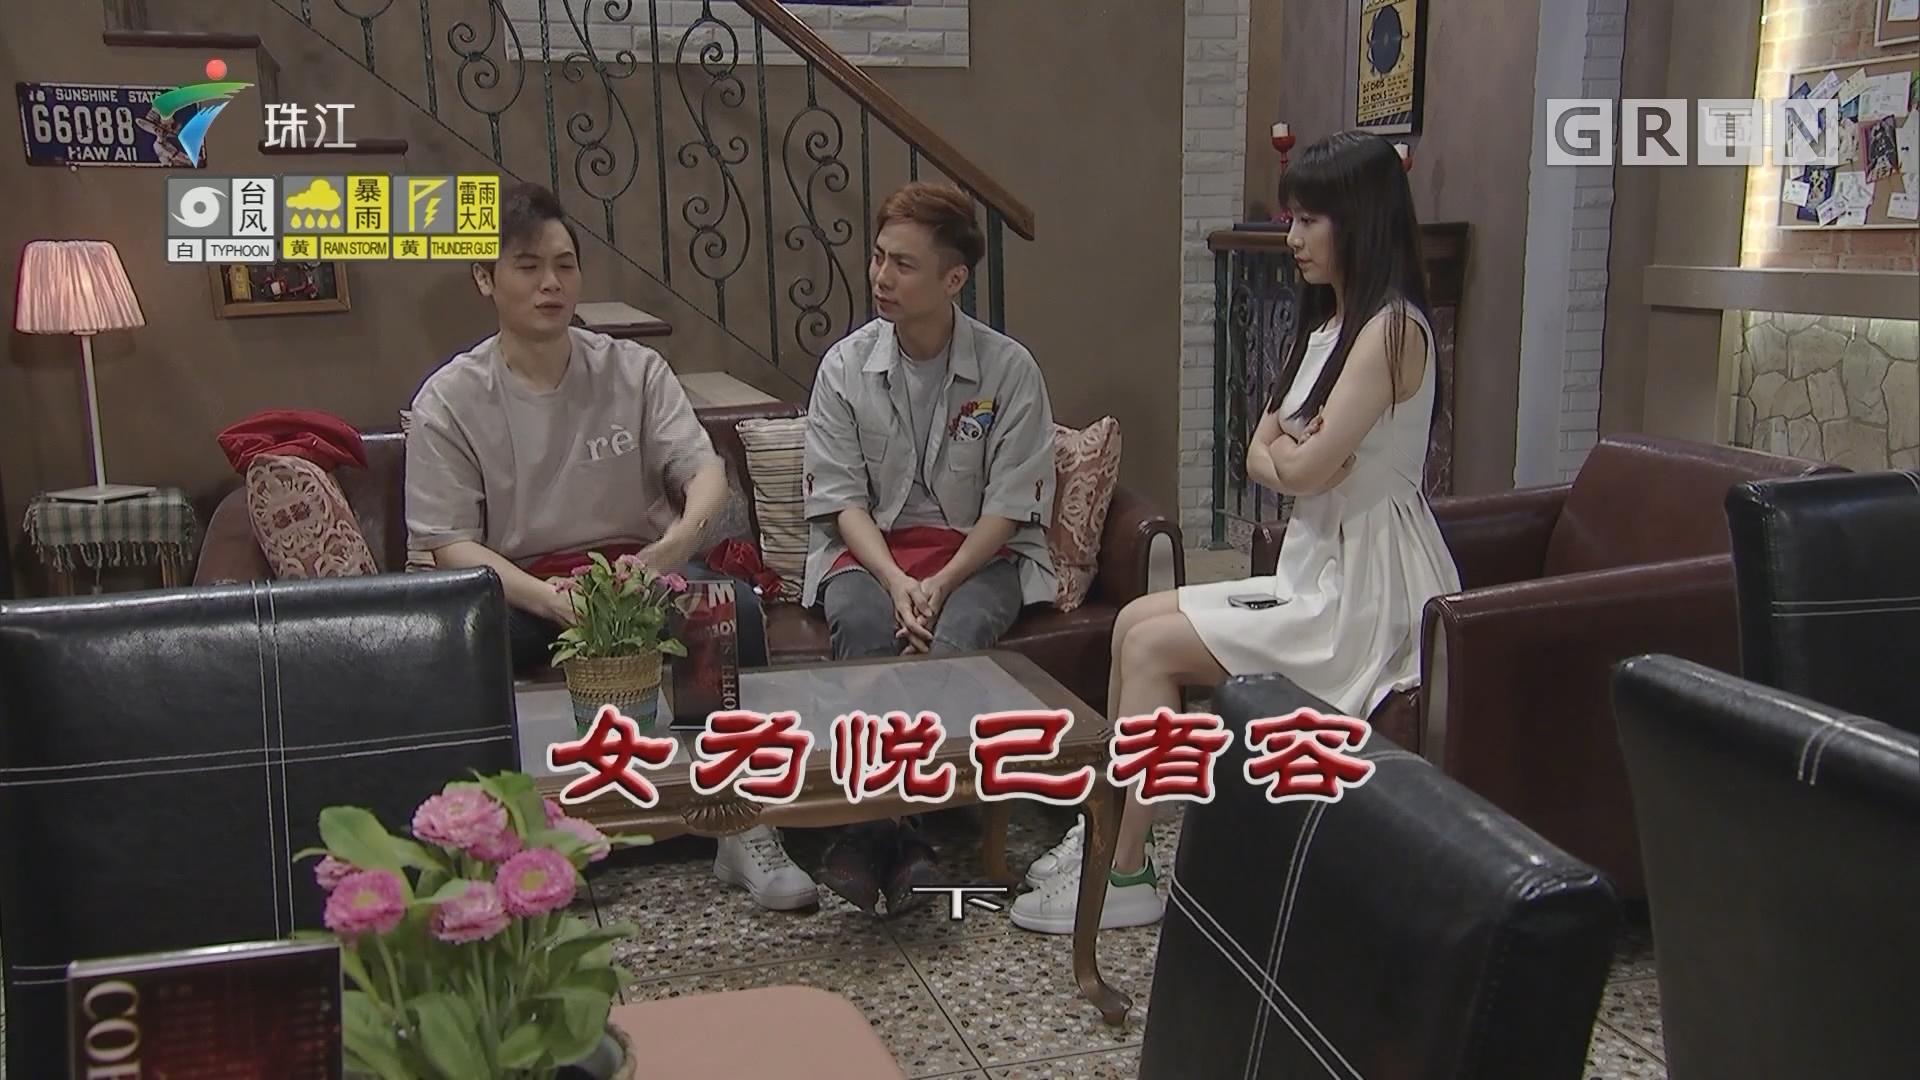 [HD][2019-08-25]外来媳妇本地郎:女为悦己者容(下)